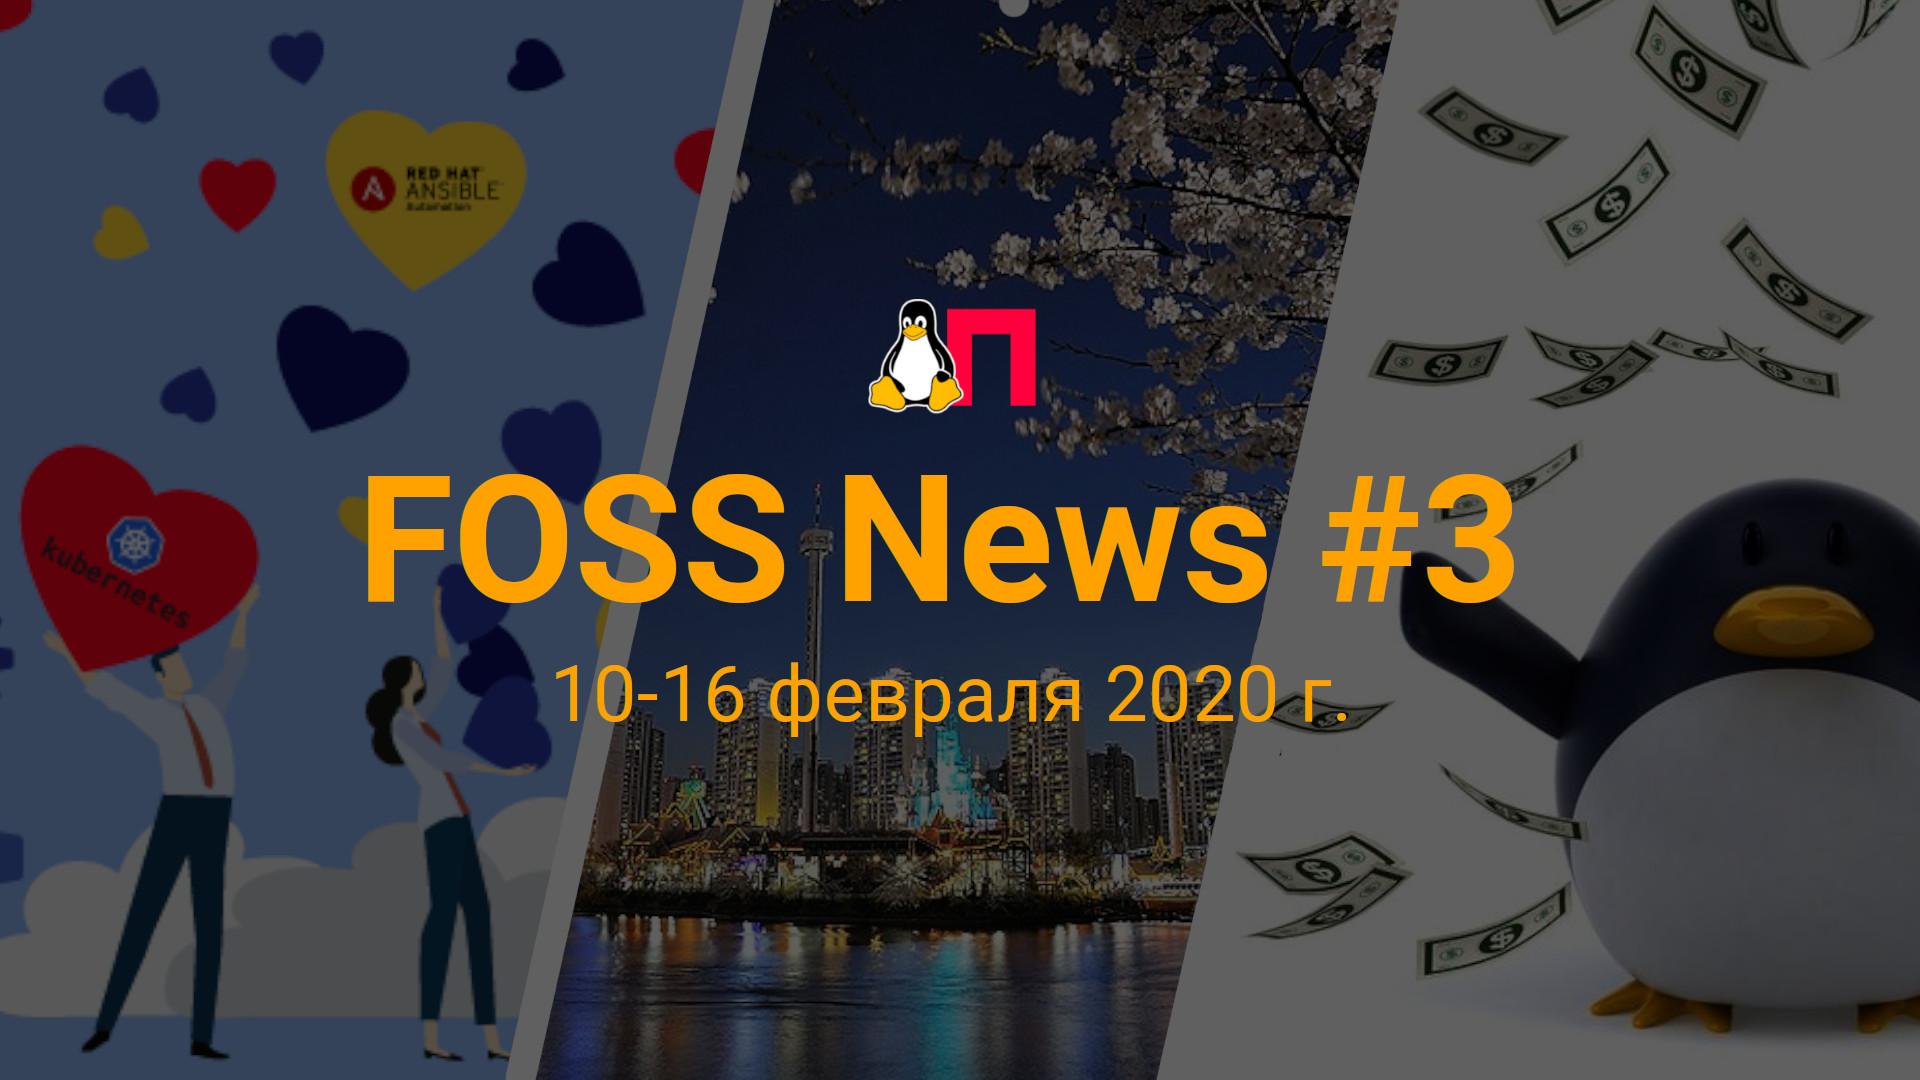 FOSS News №3 — обзор новостей свободного и открытого ПО за 10-16 февраля 2020 года